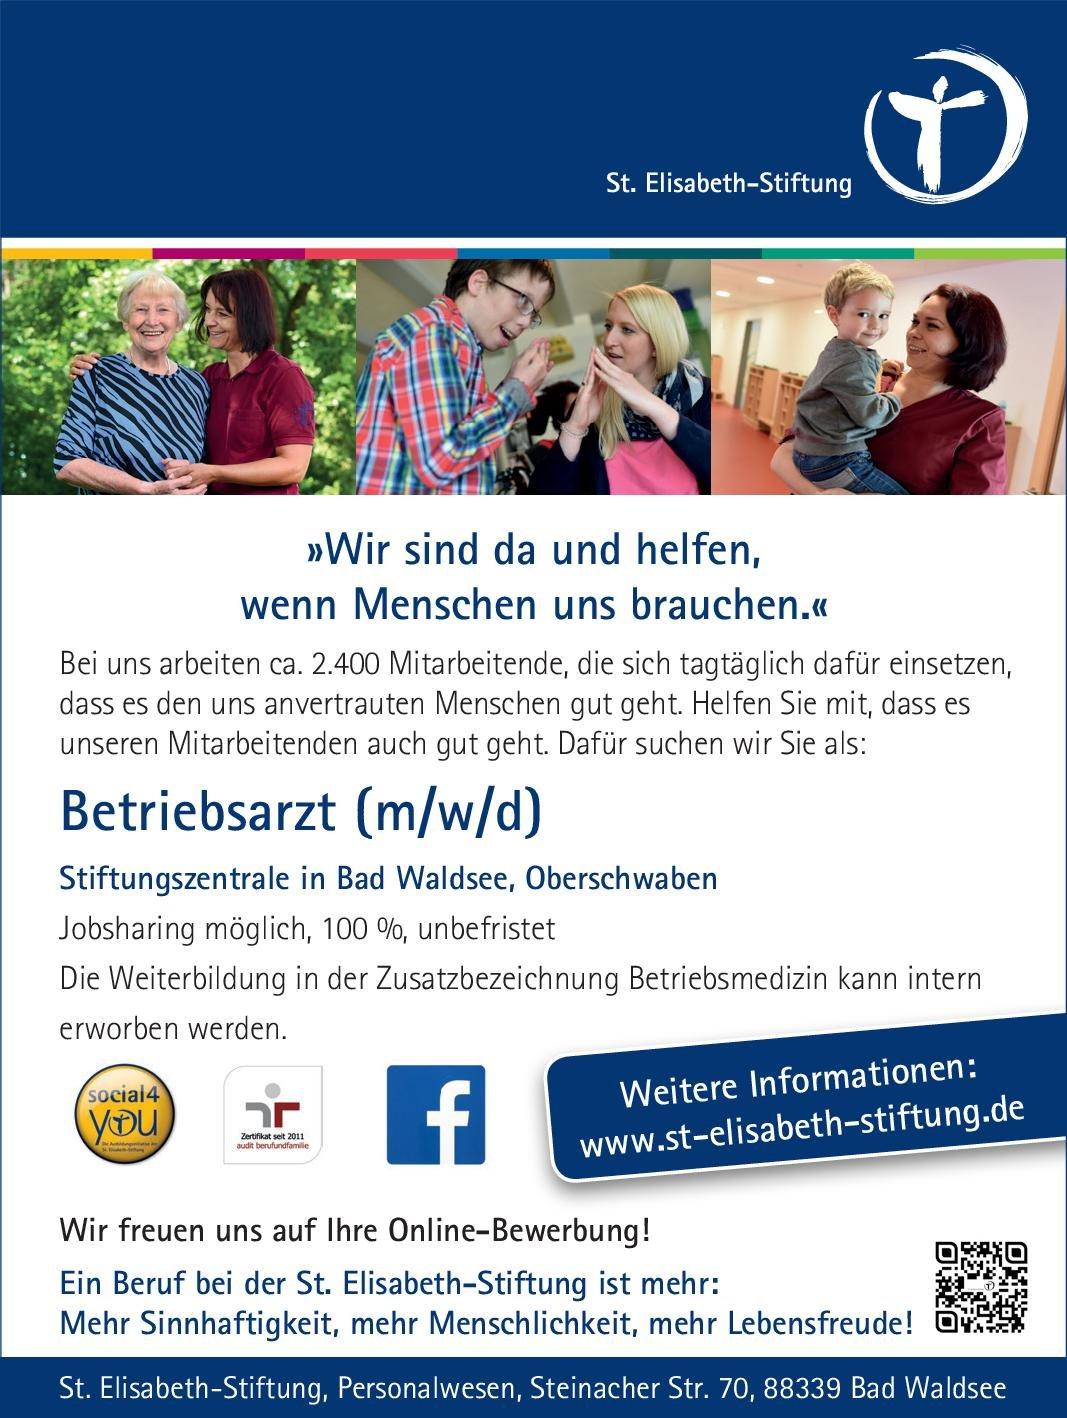 St. Elisabeth-Stiftung Betriebsarzt (m/w/d) Arbeitsmedizin Arzt / Facharzt, Betriebsarzt